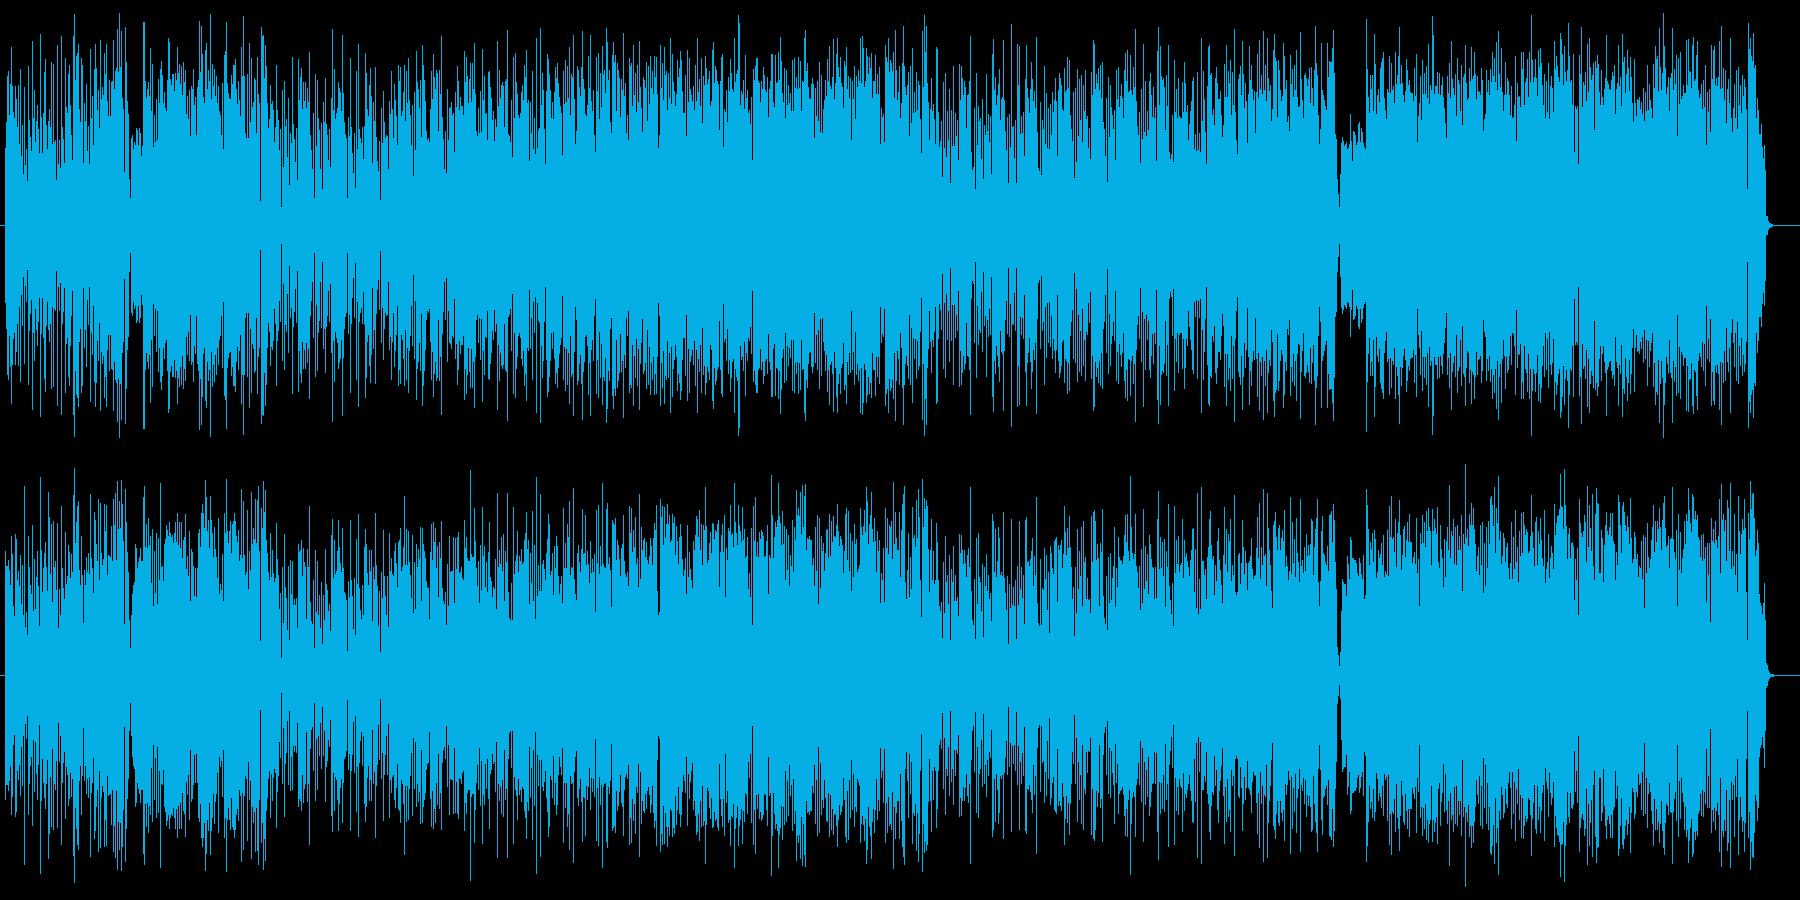 オシャレで軽快なラテン音楽の再生済みの波形